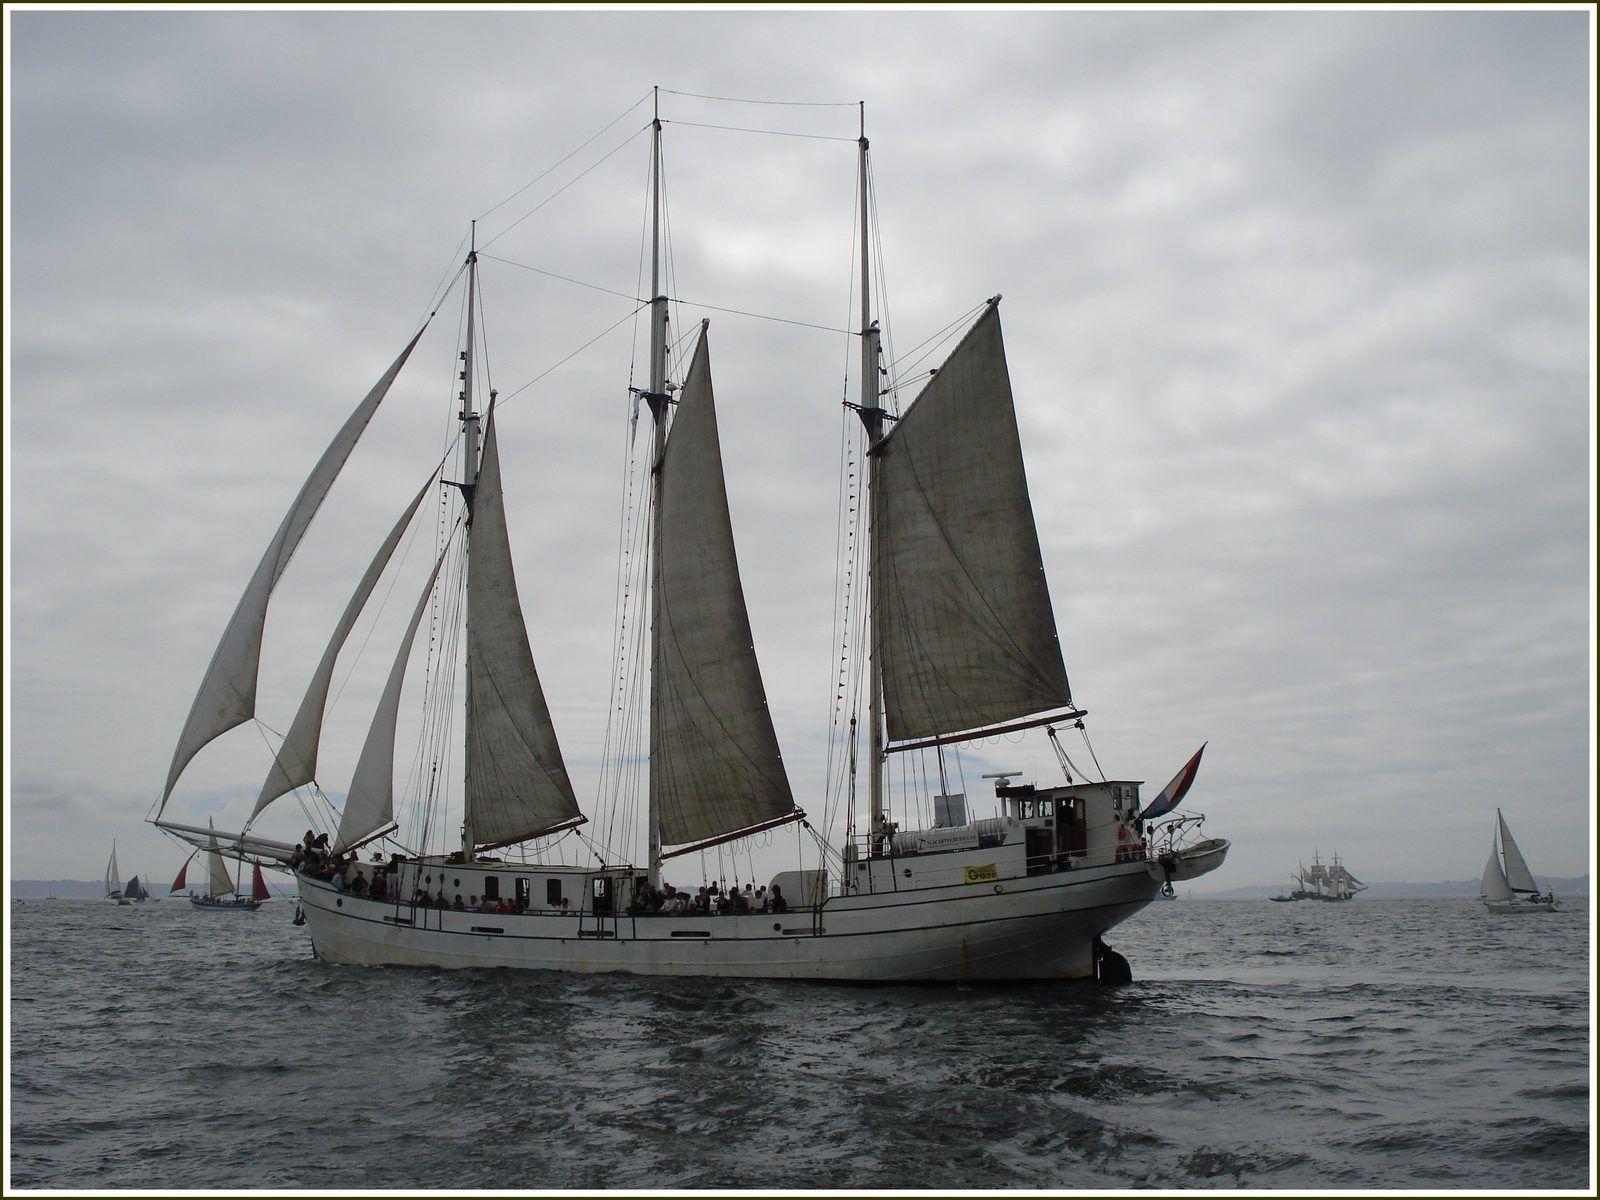 021sc Rencontres bateaux au fil de l'eau 8ème photos GeoMar